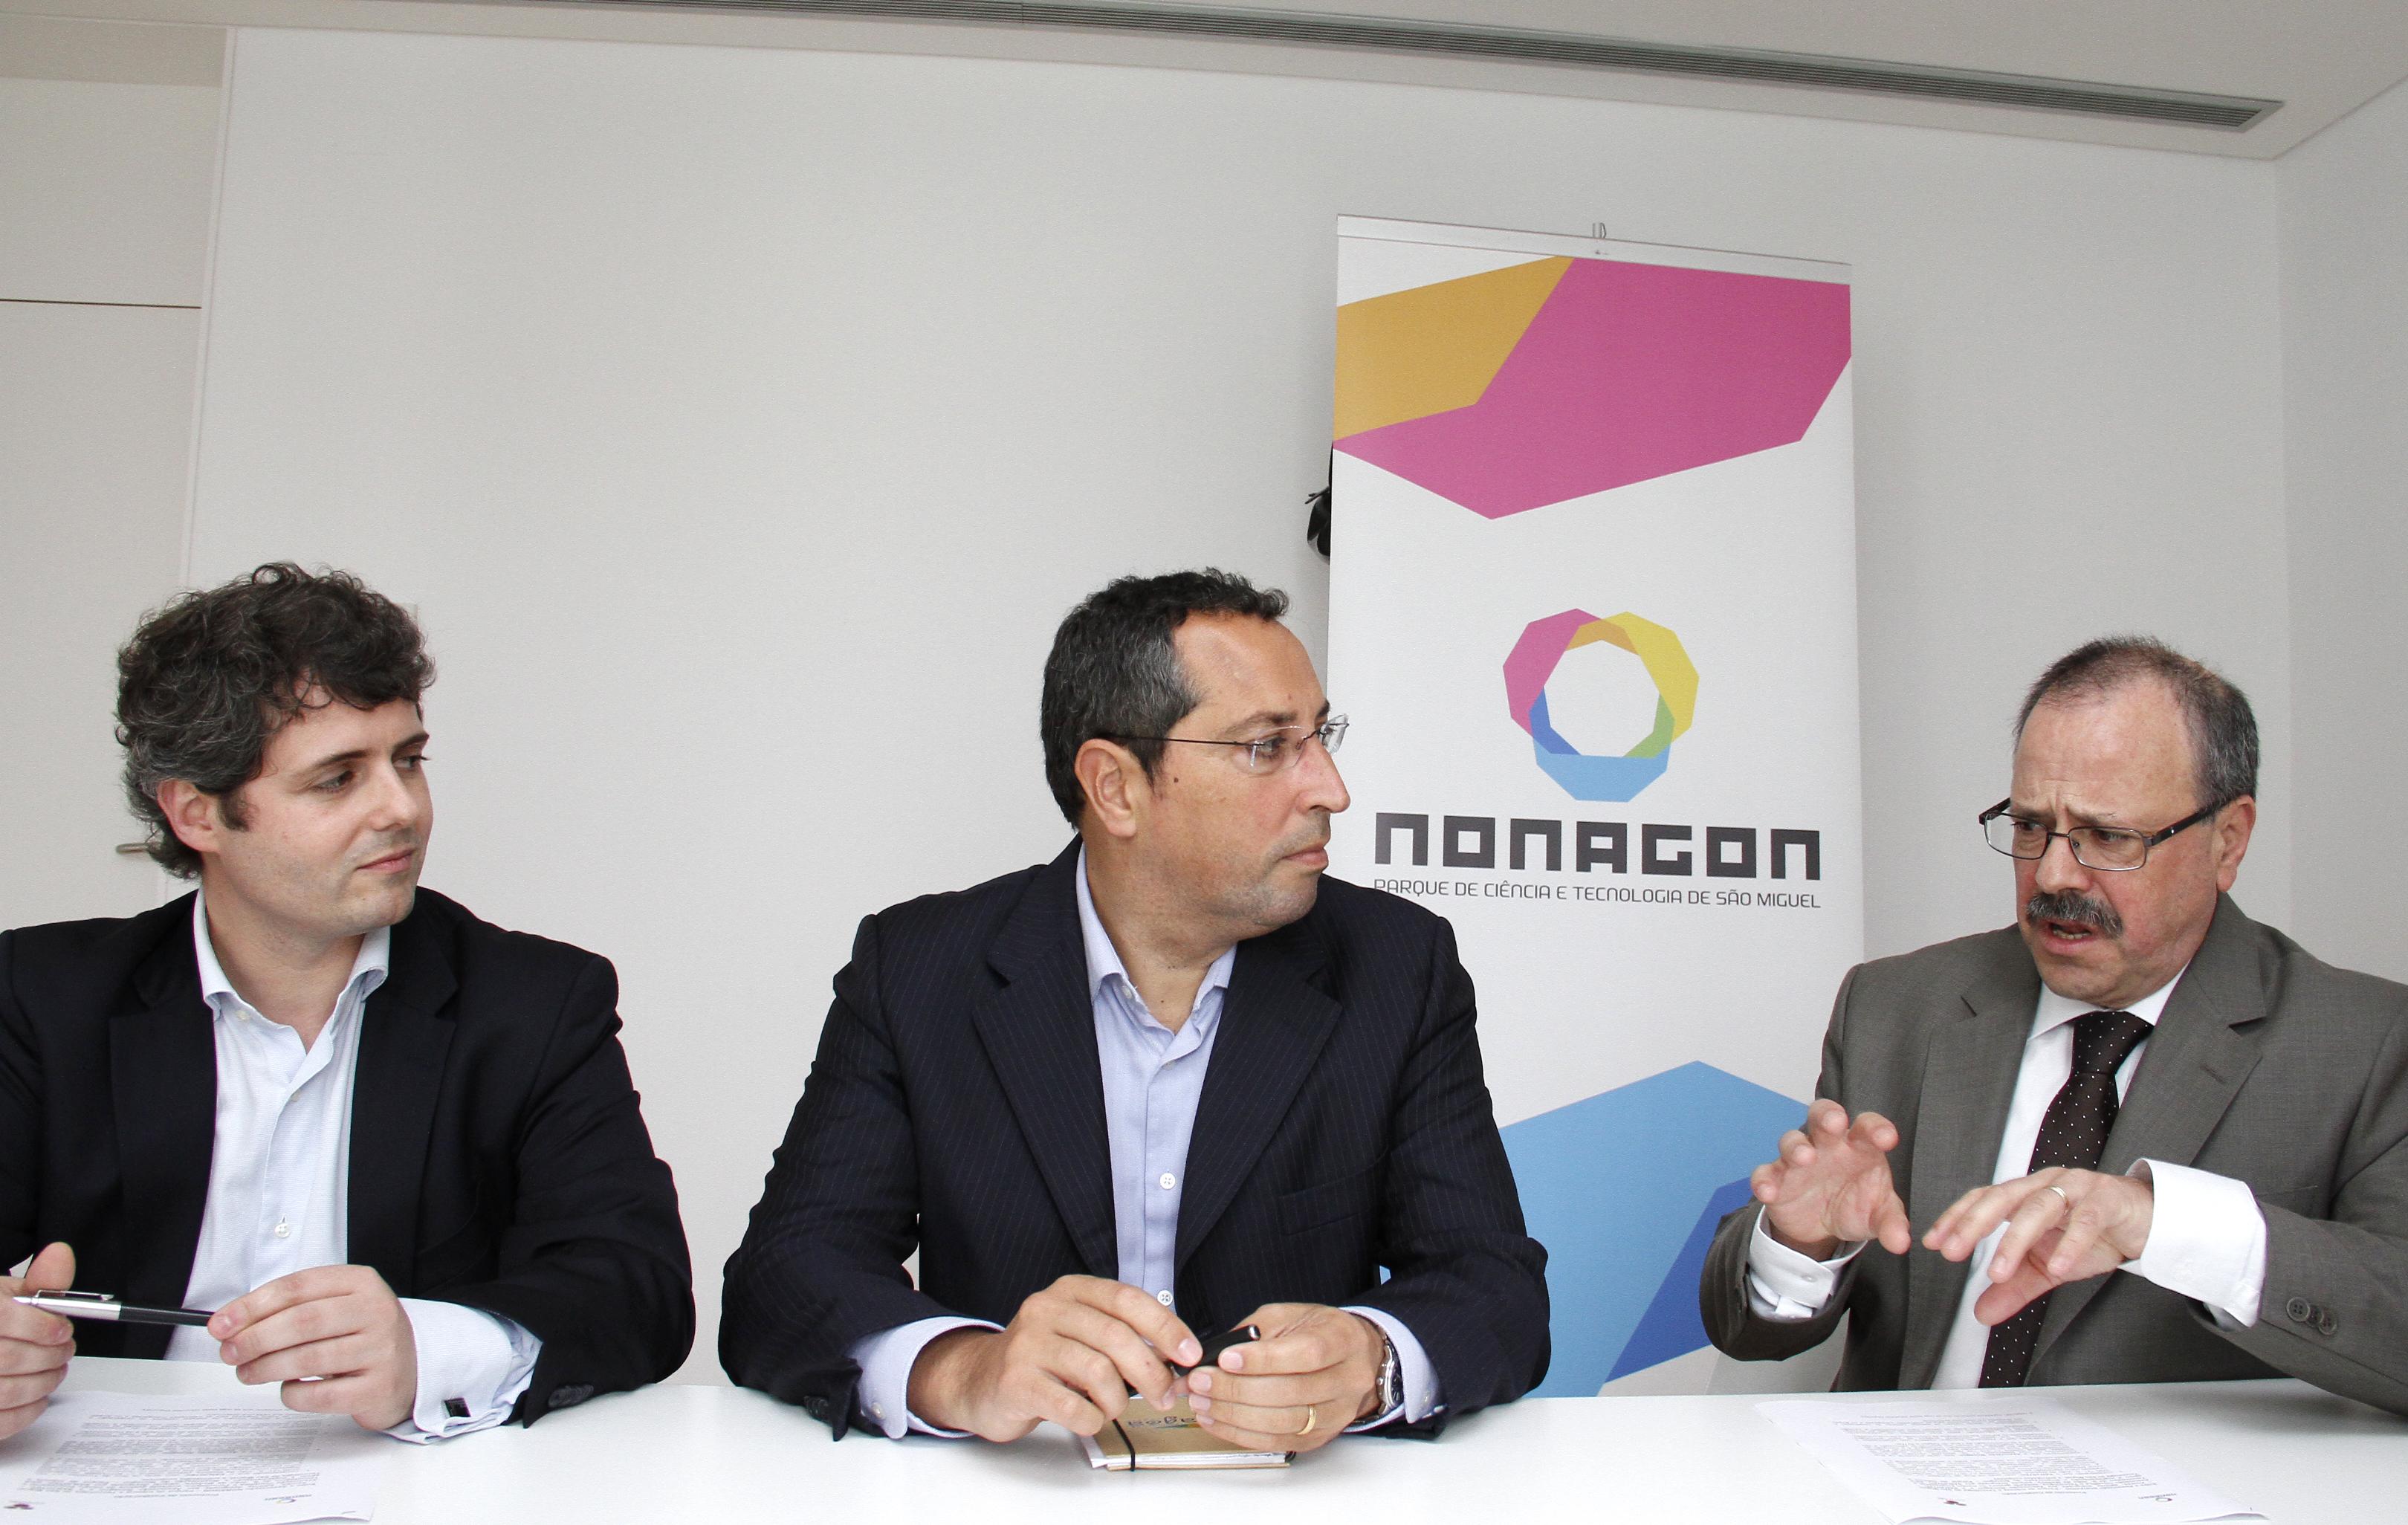 Nonagon e Sanjotec celebram protocolo de colaboração